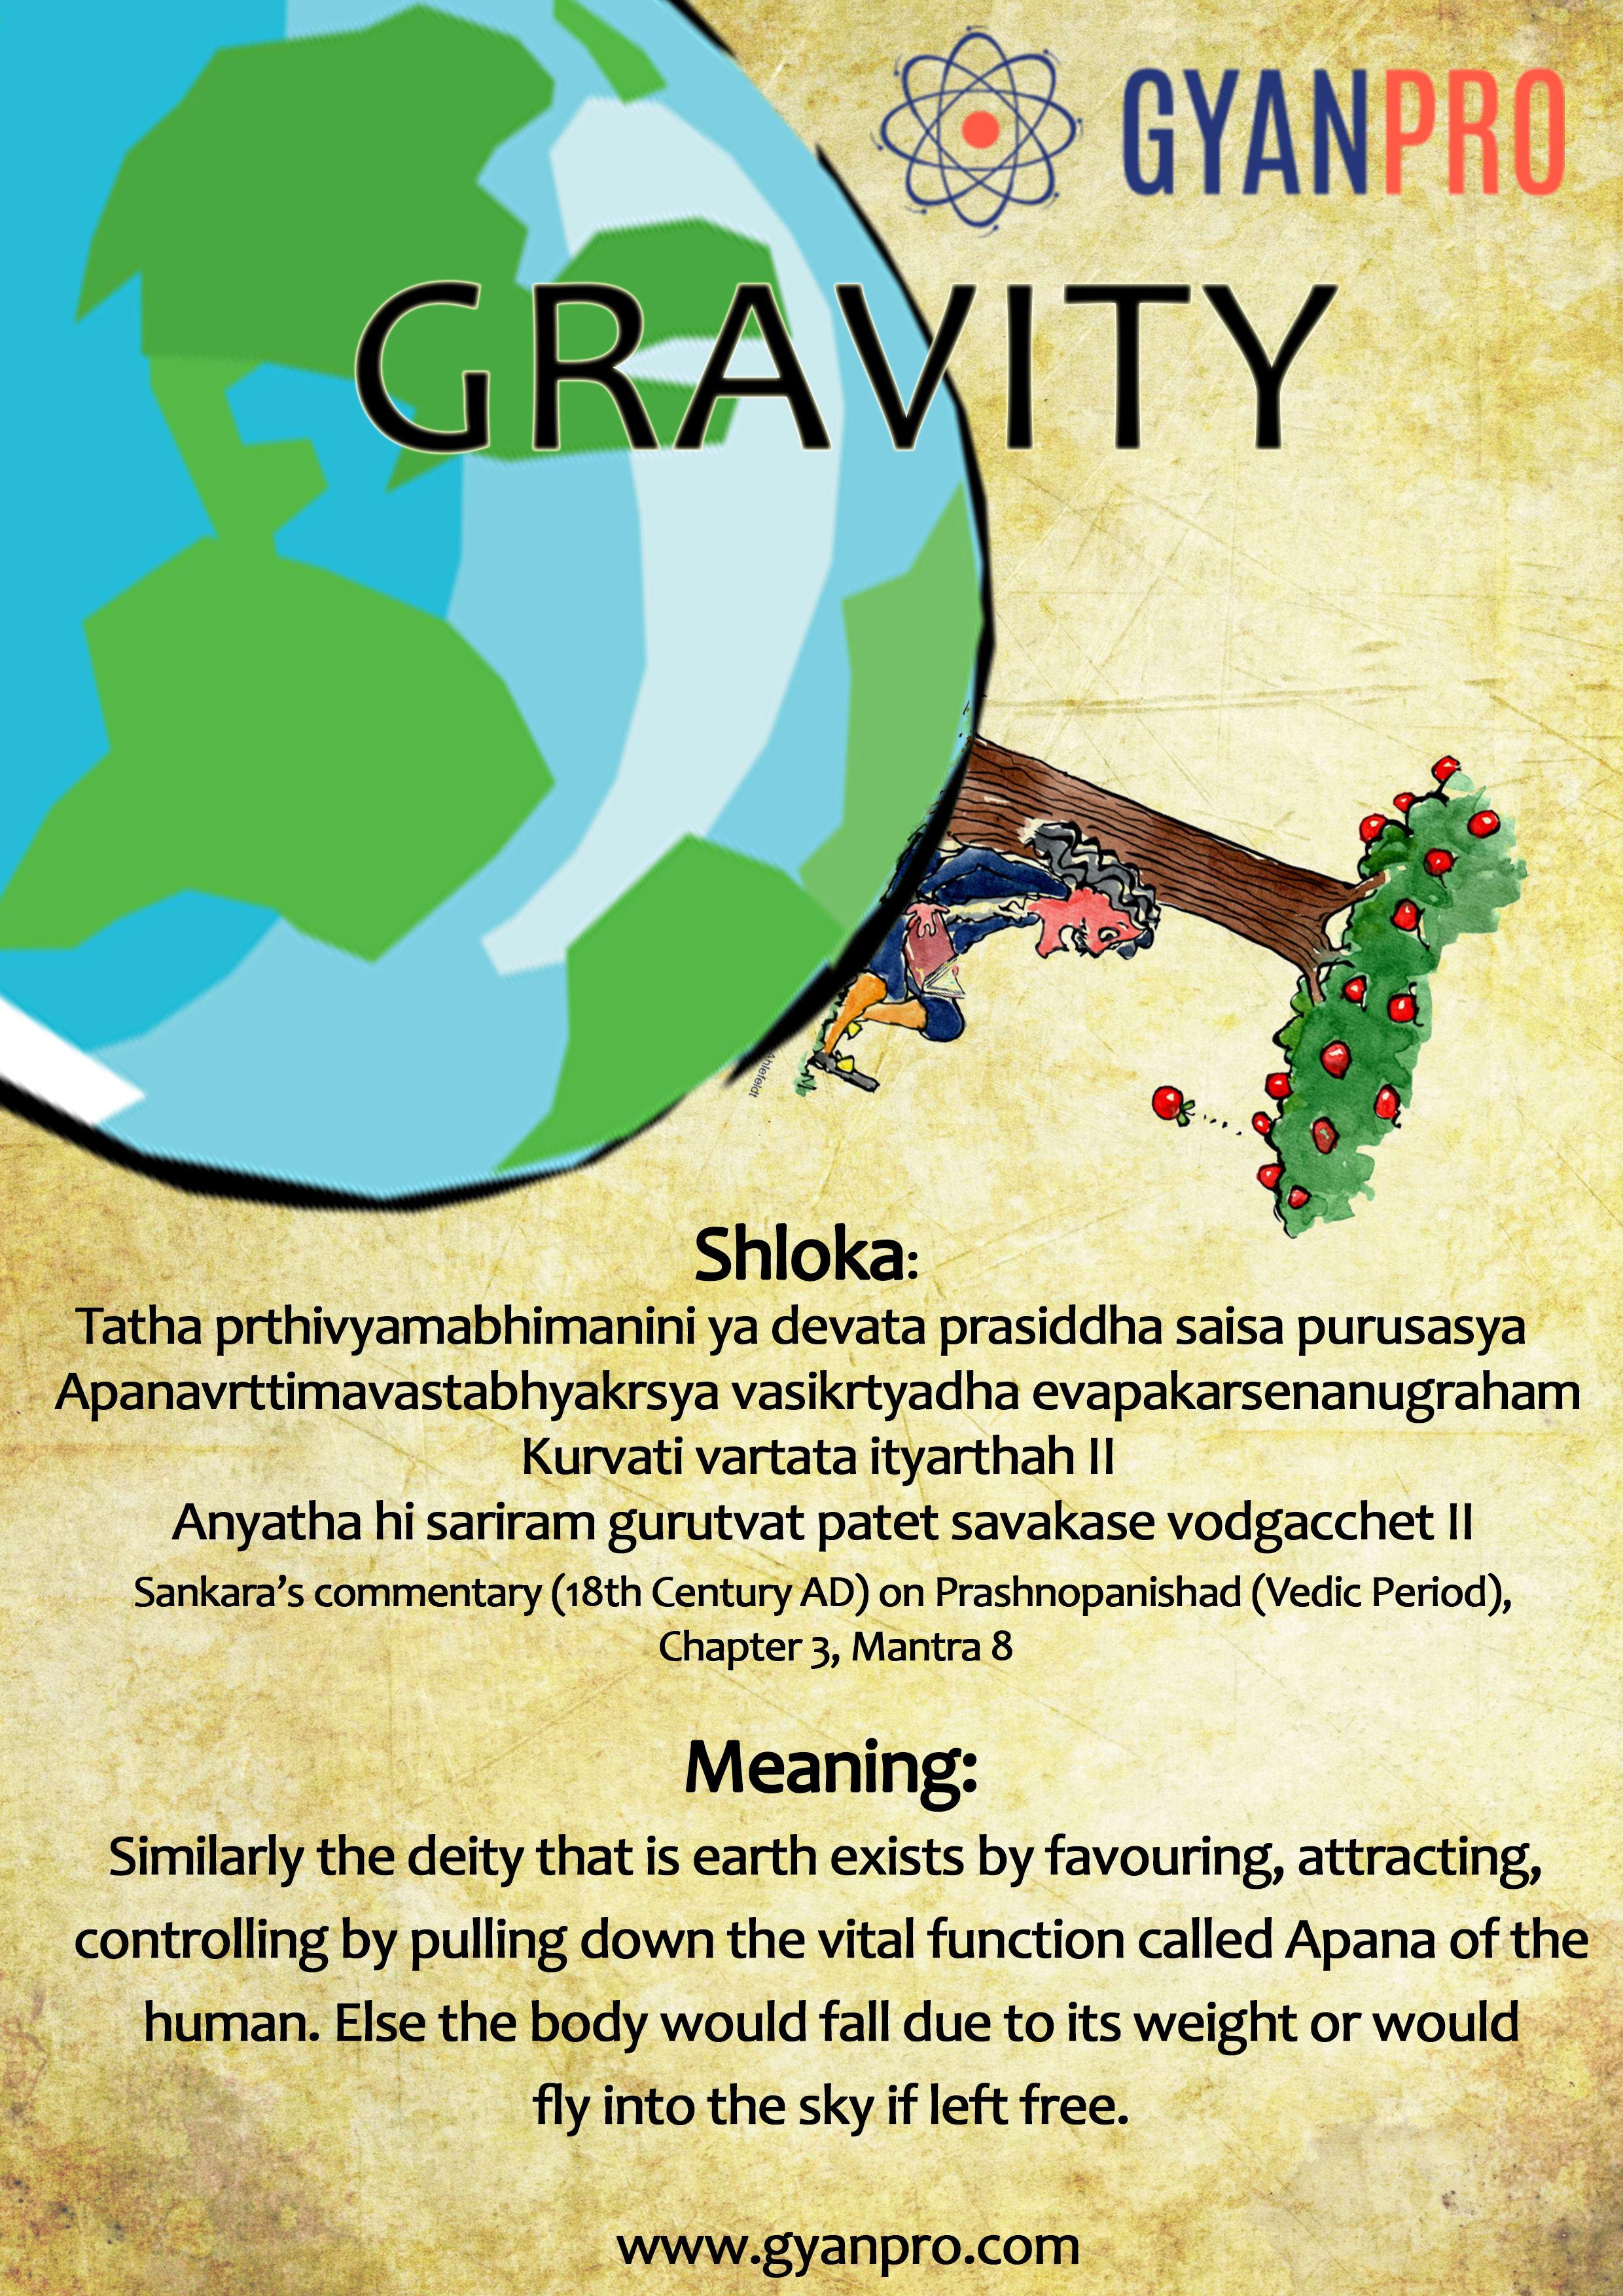 GYANPRO_Gravity